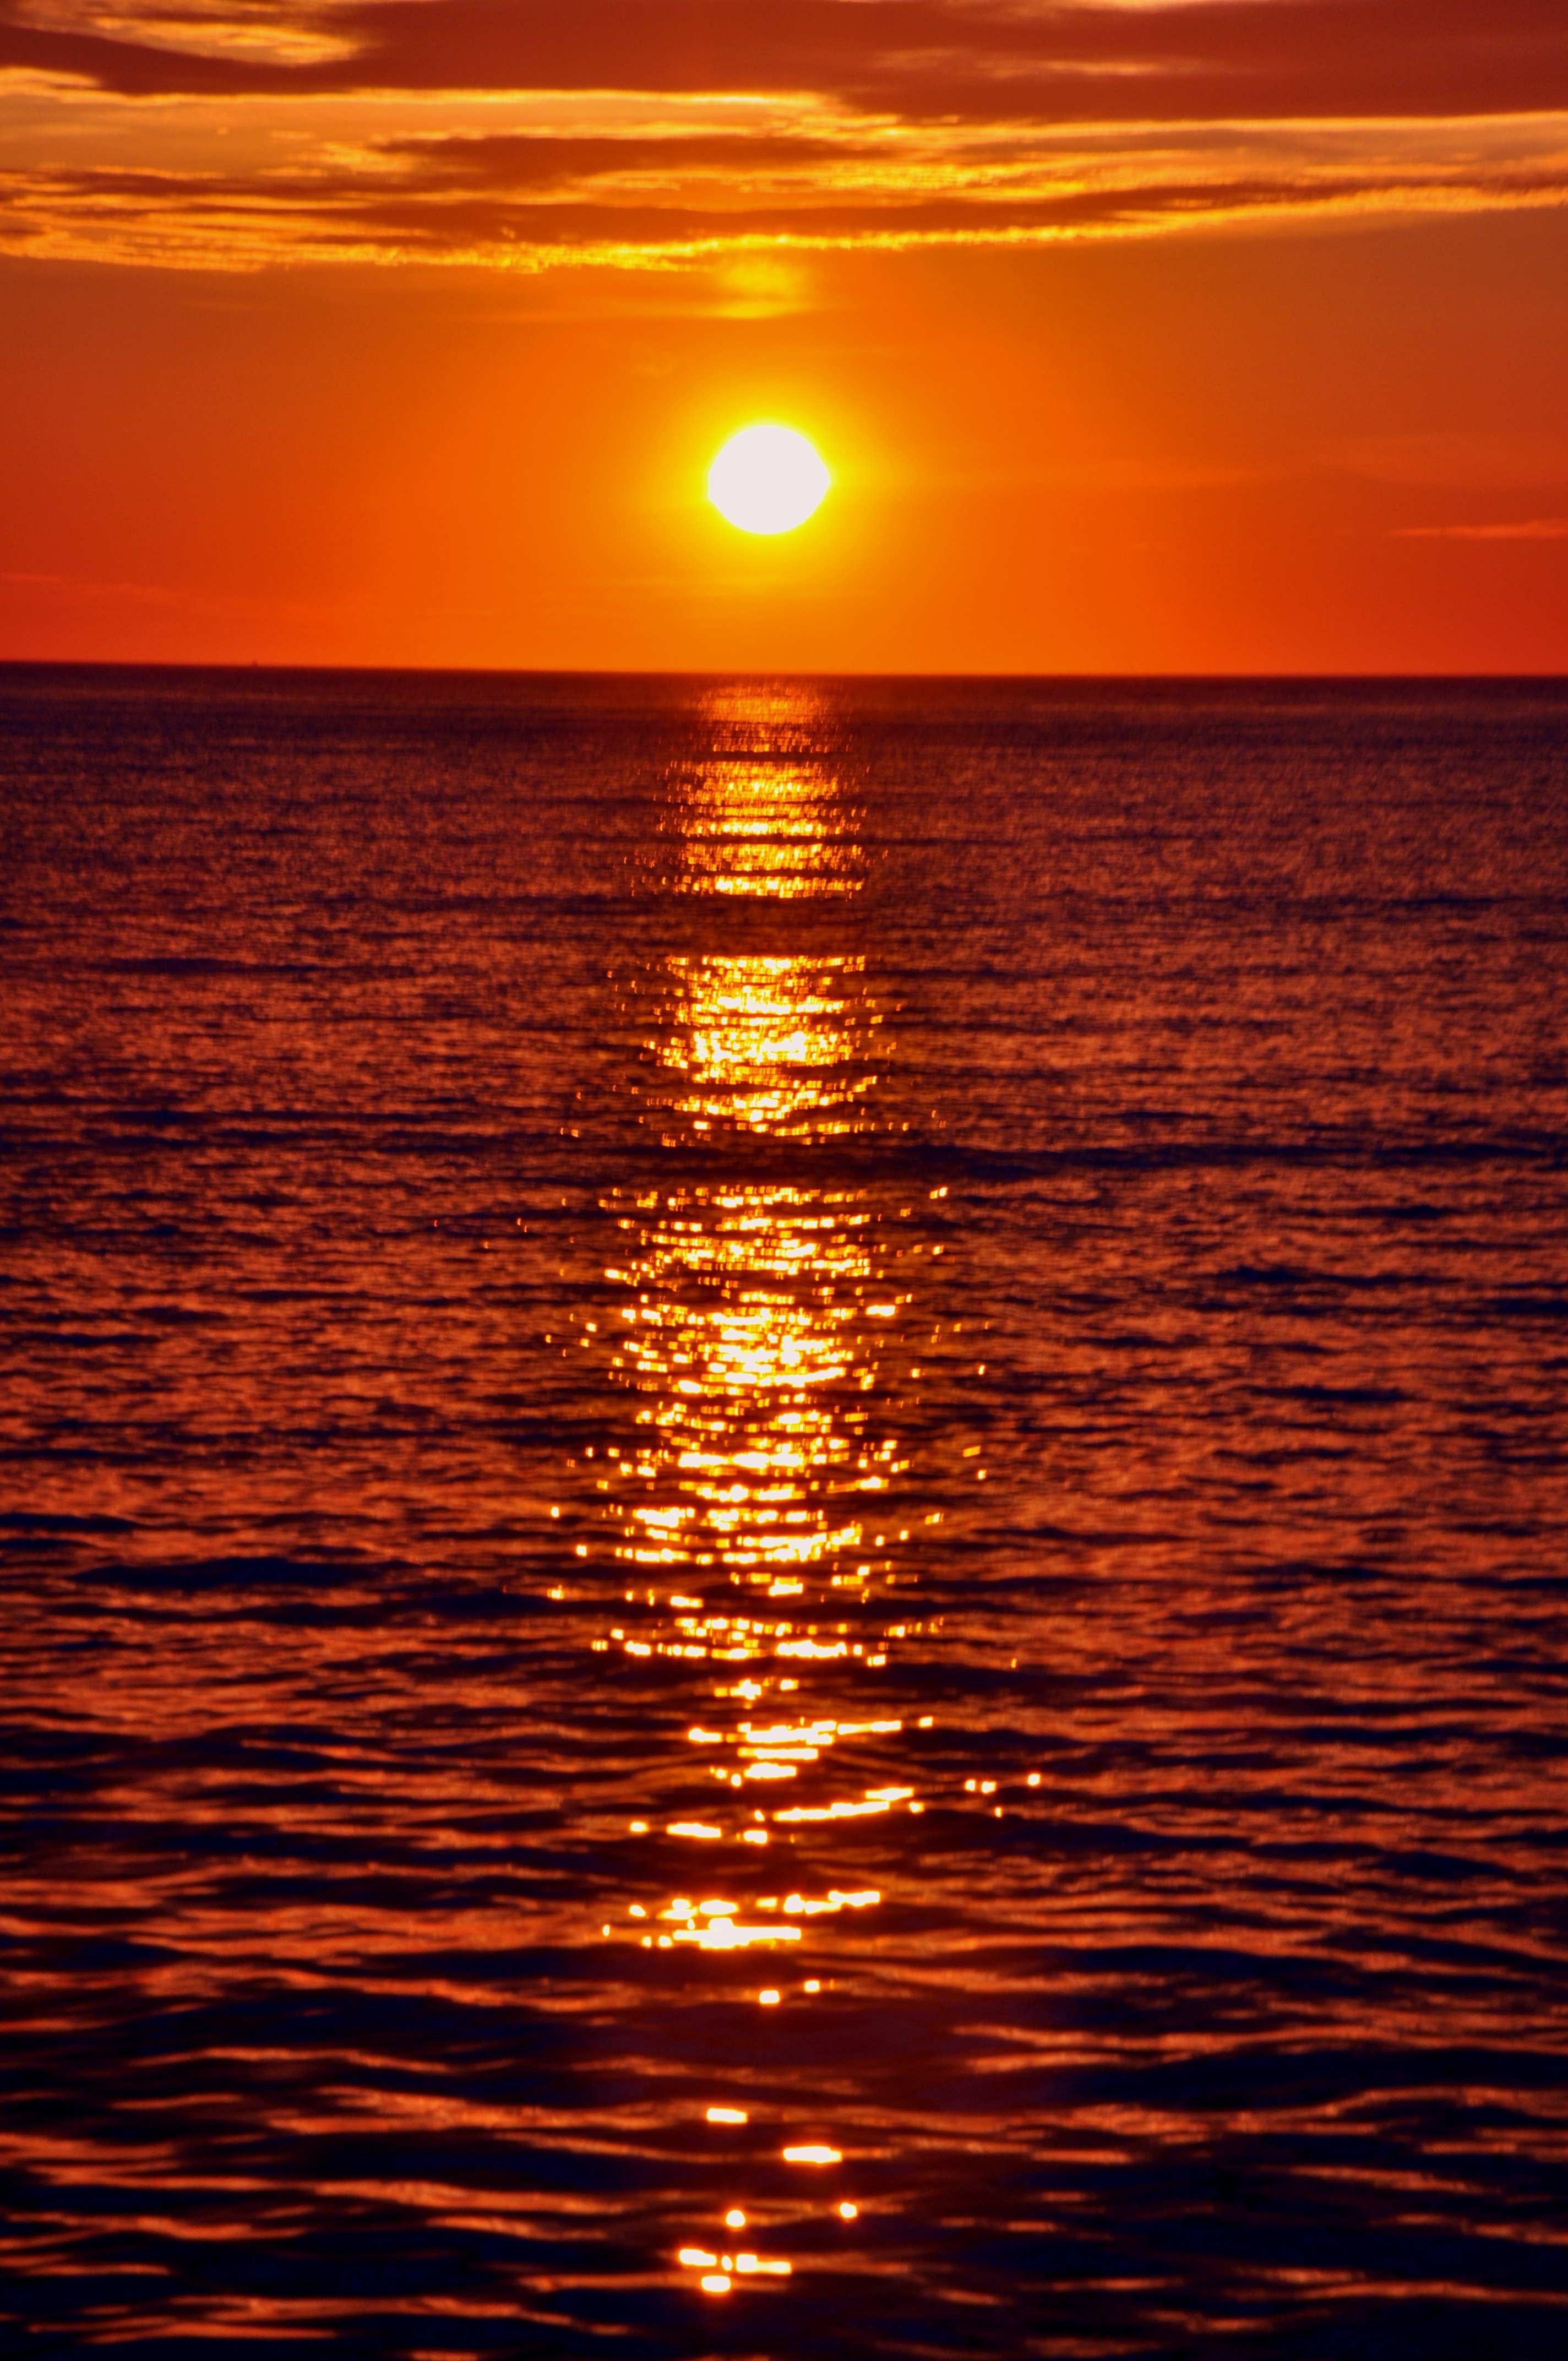 закат солнца на море фото